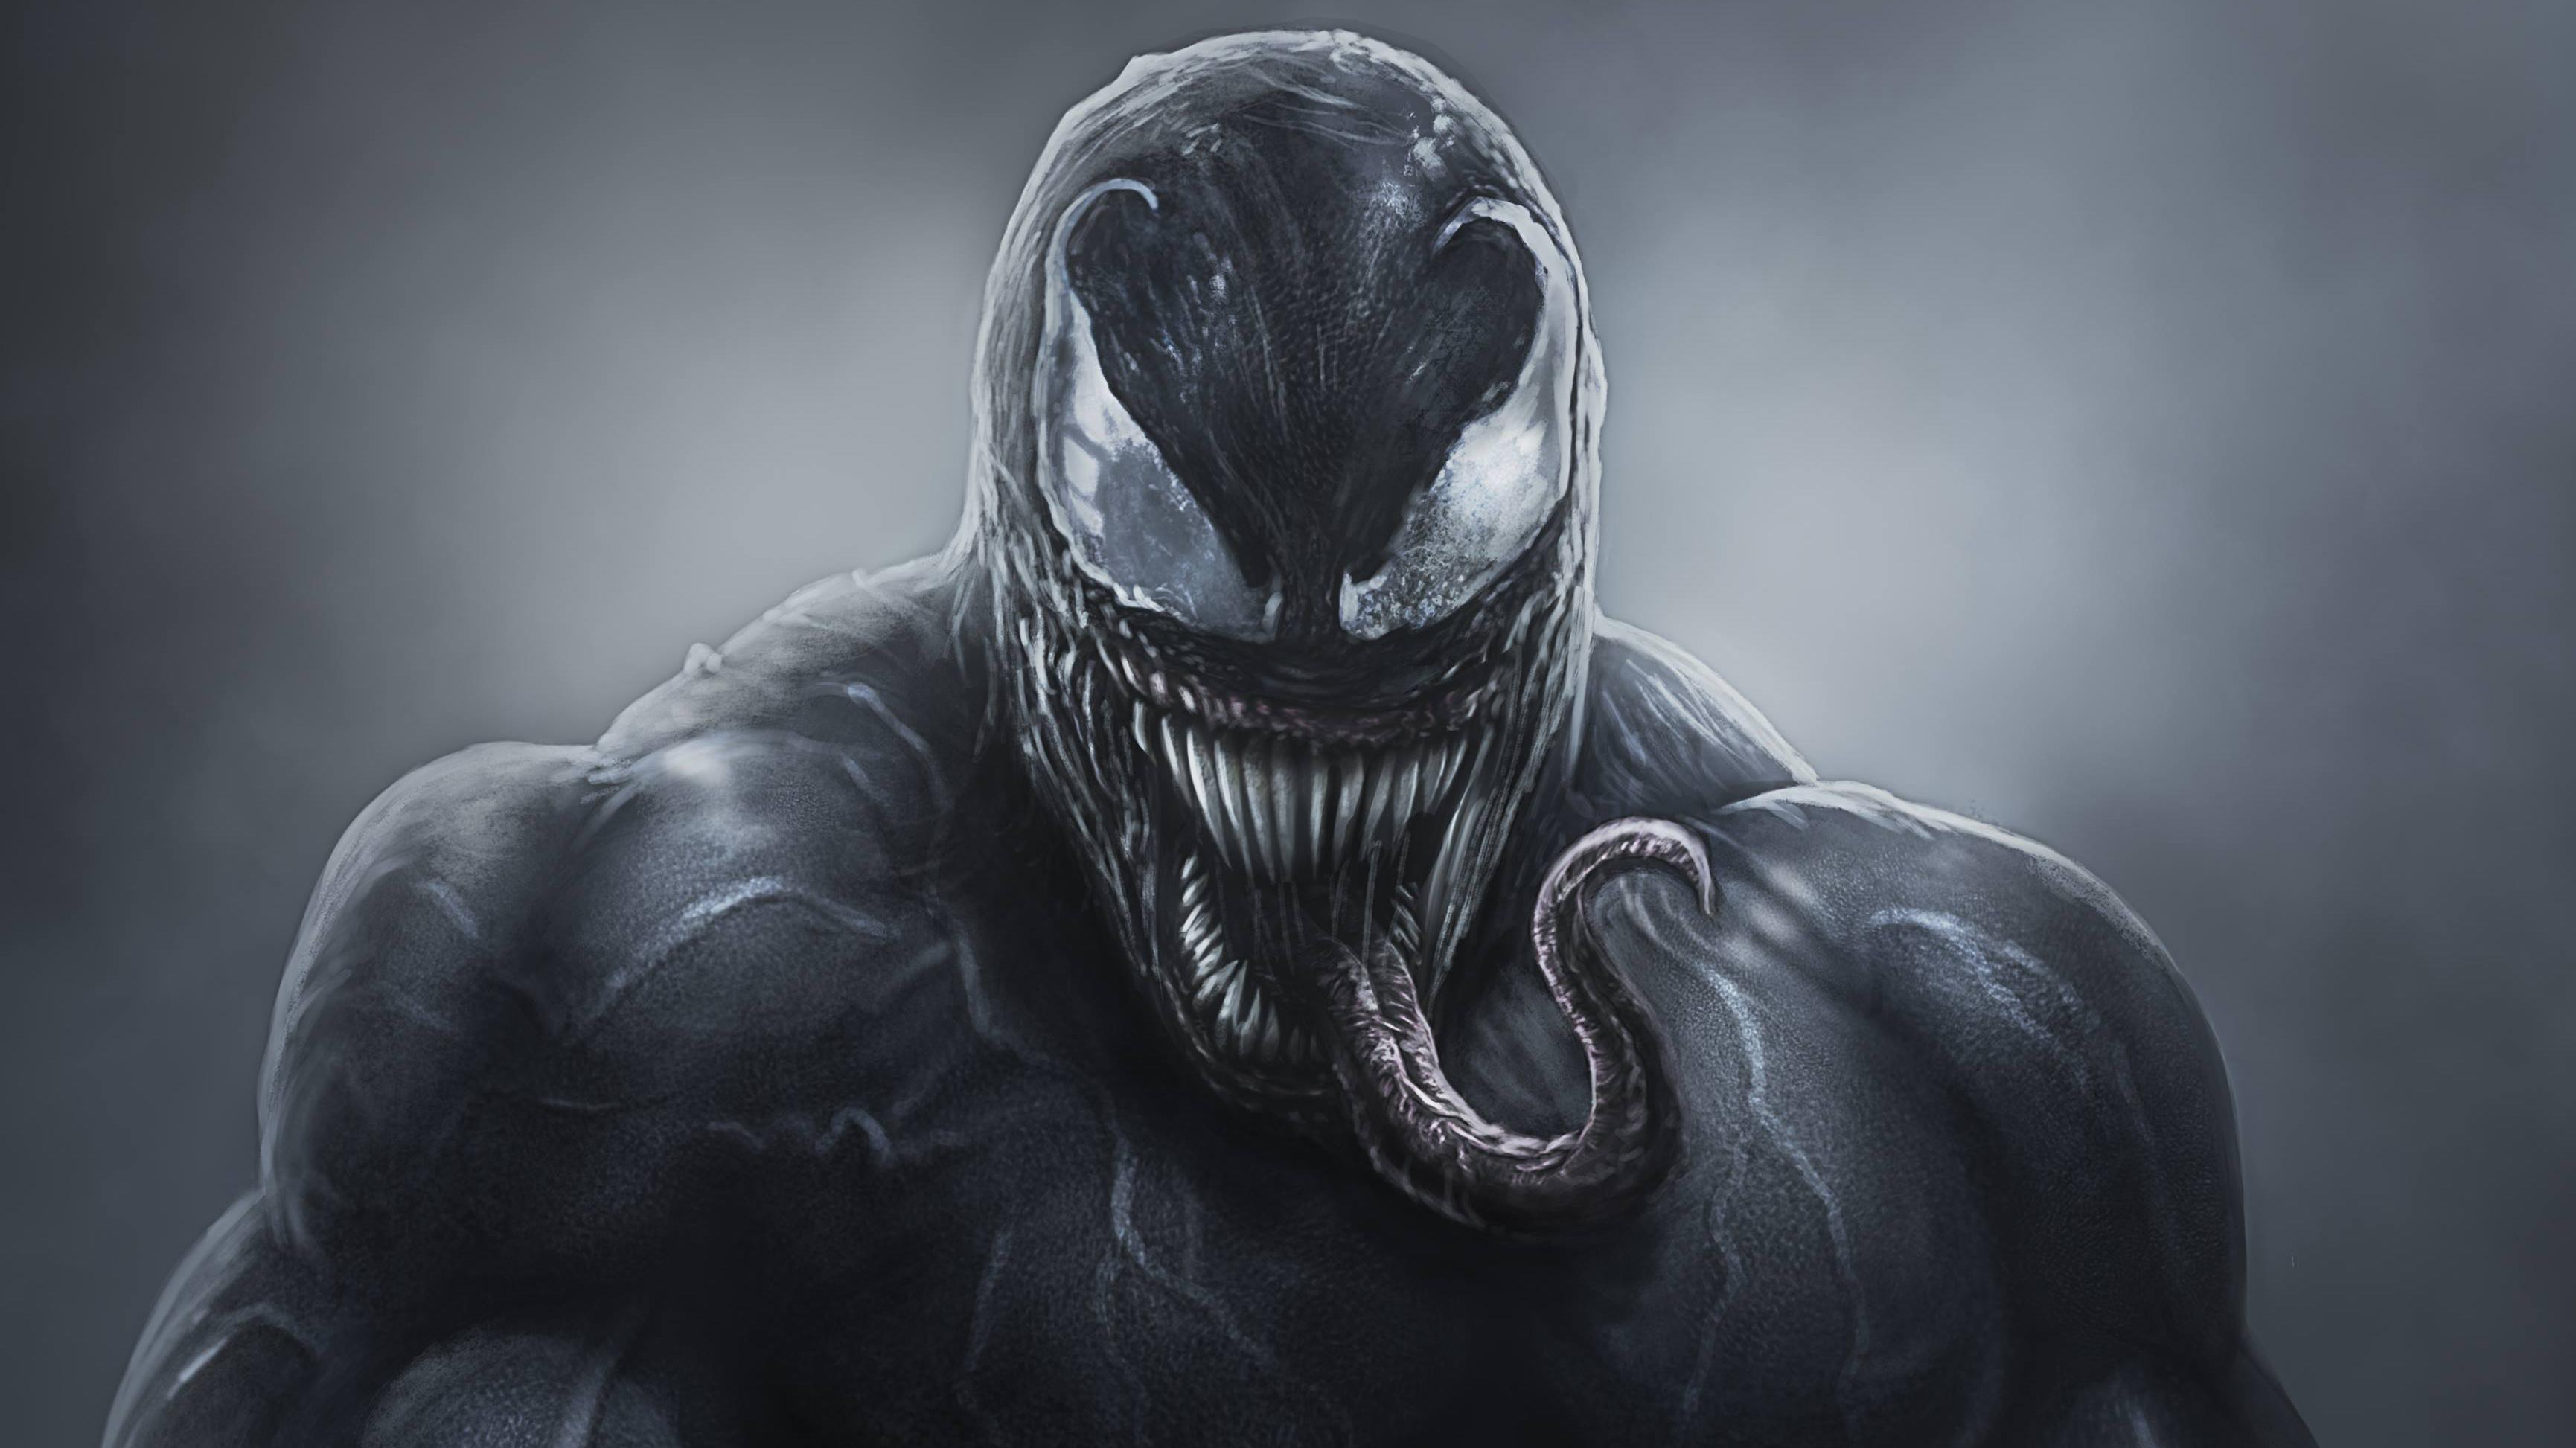 4k Venom Artwork 2018, HD Superheroes, 4k Wallpapers ...